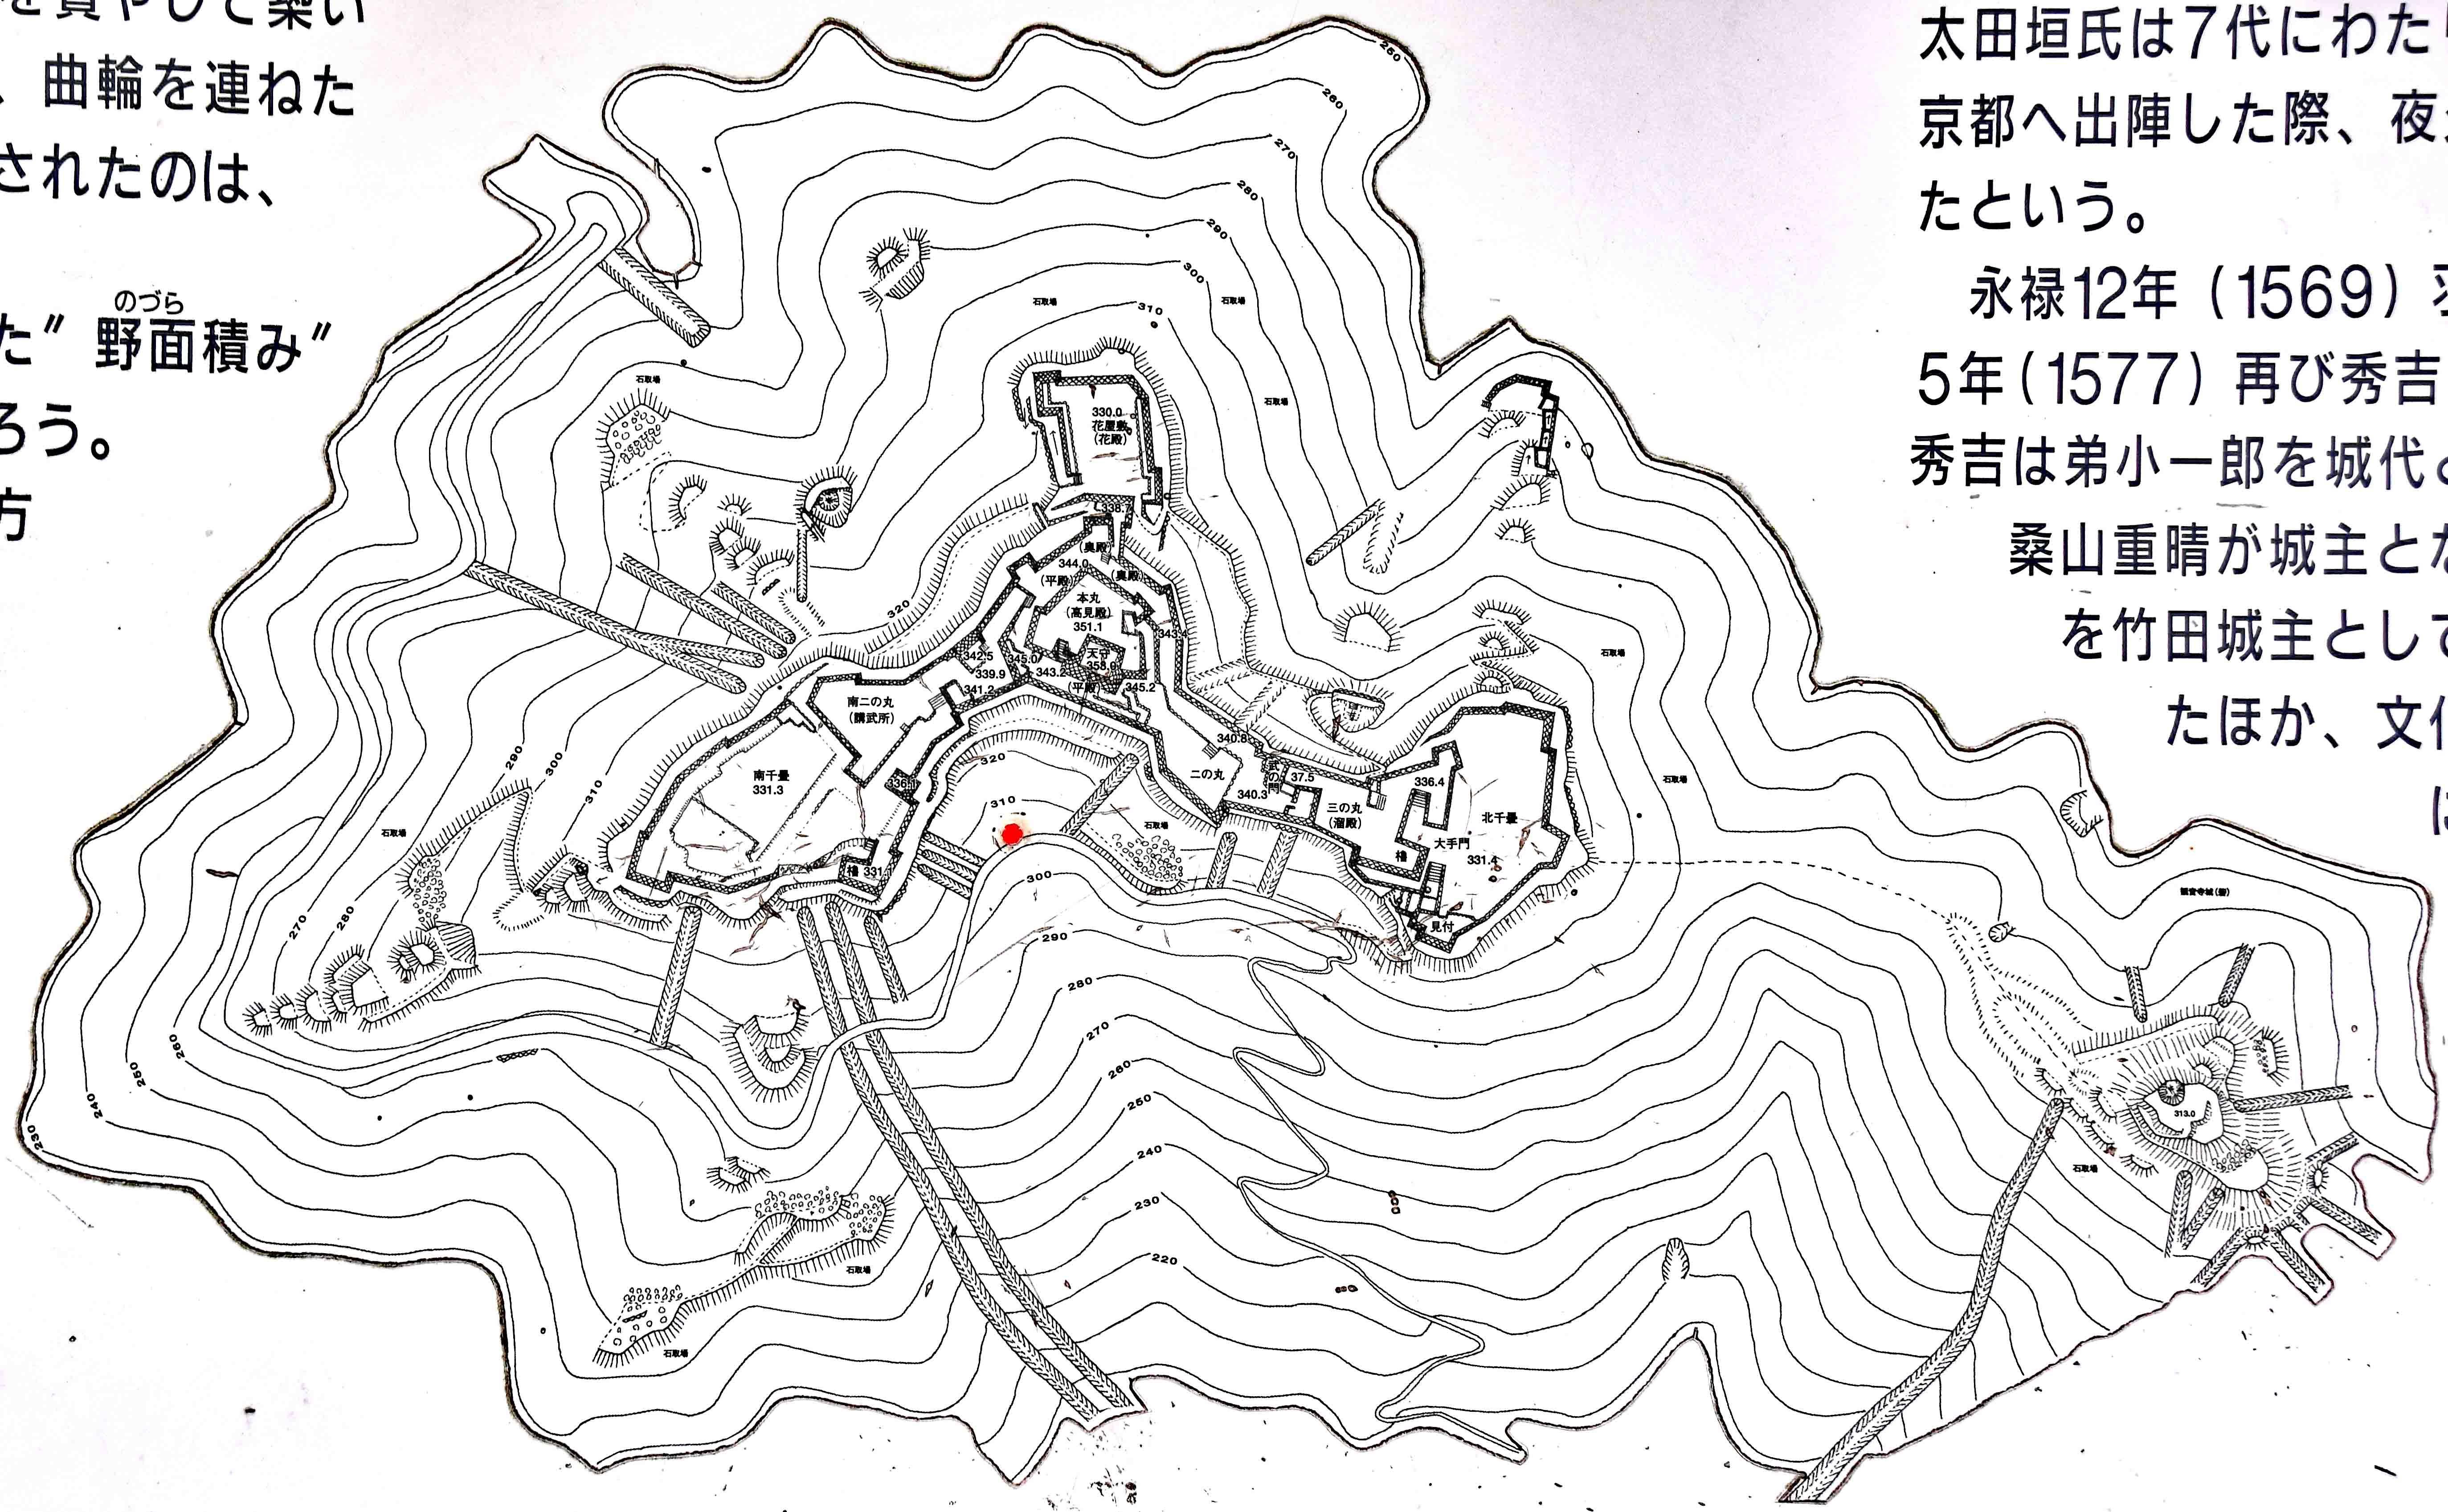 現地説明板より 竹田城縄張り図